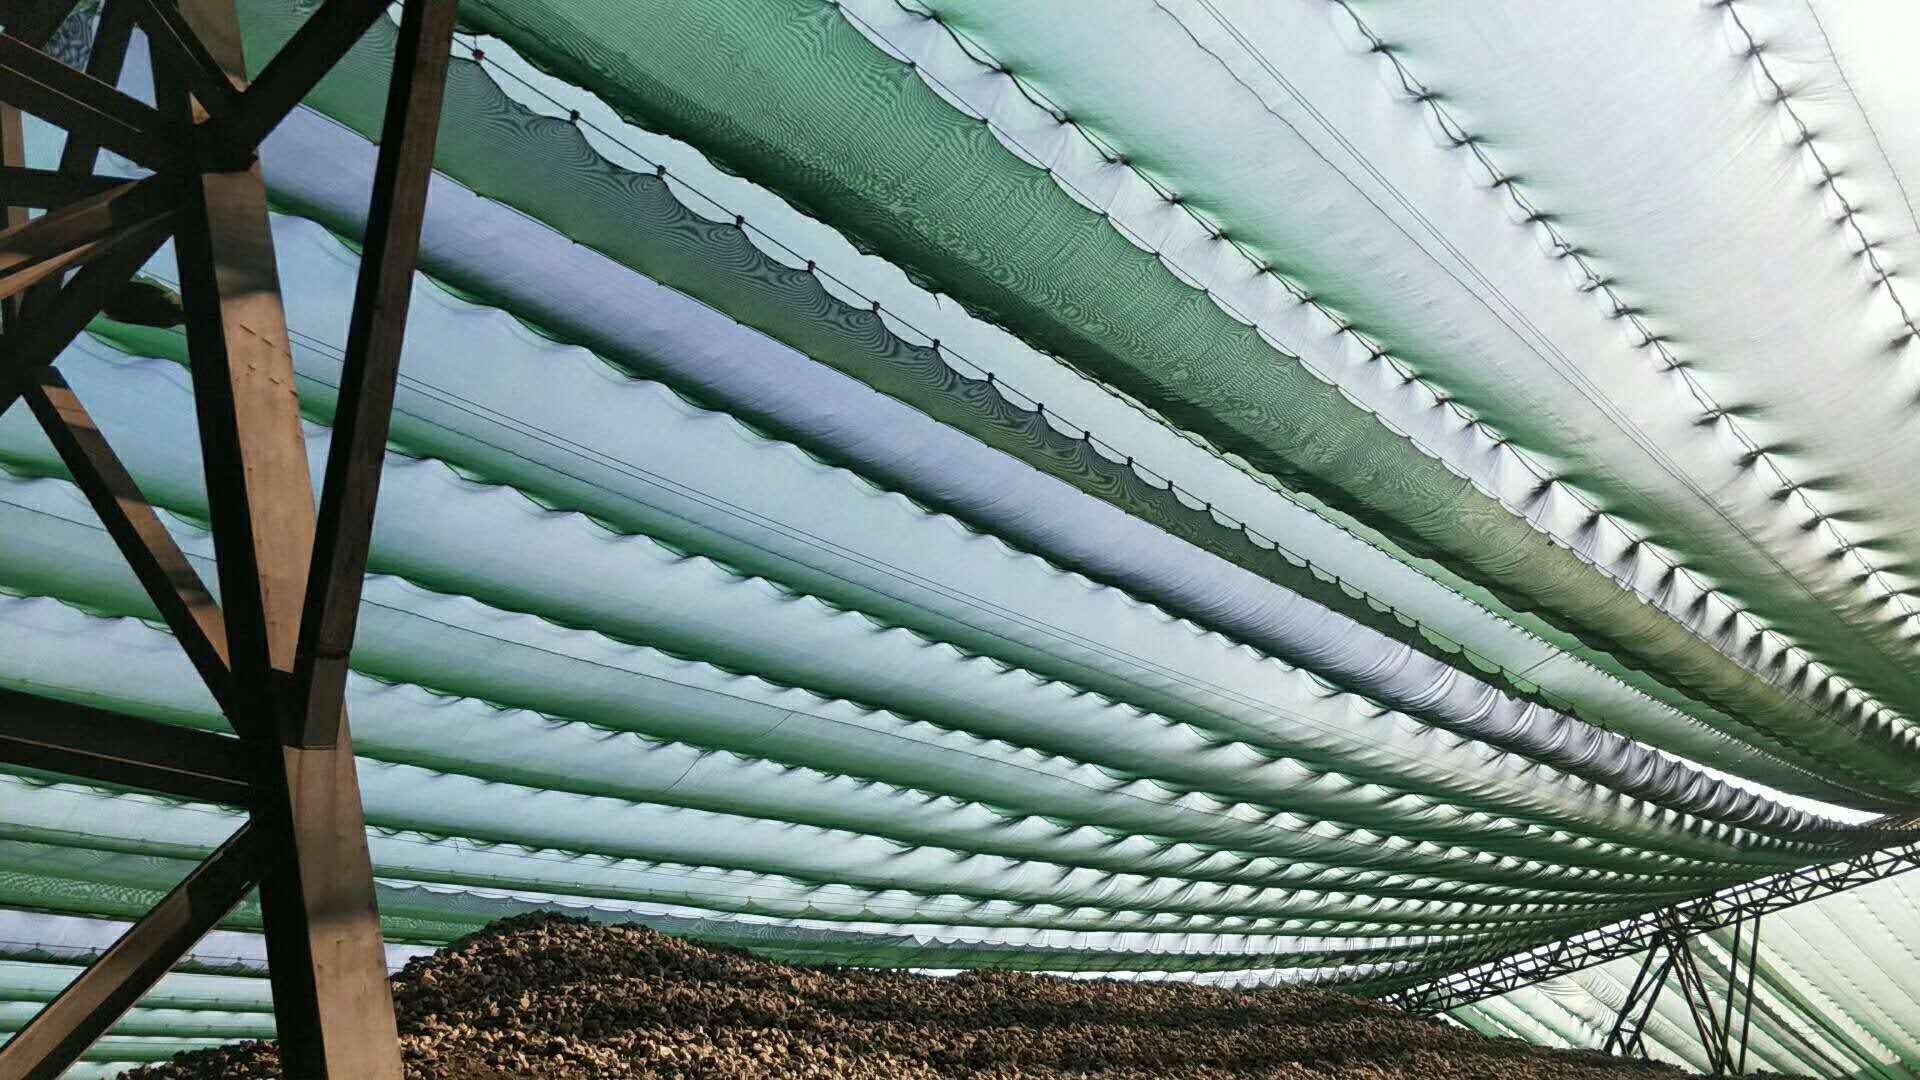 尼龙柔性防风网,防风屏障,煤场挡风墙,煤场防风防尘屏障示例图17